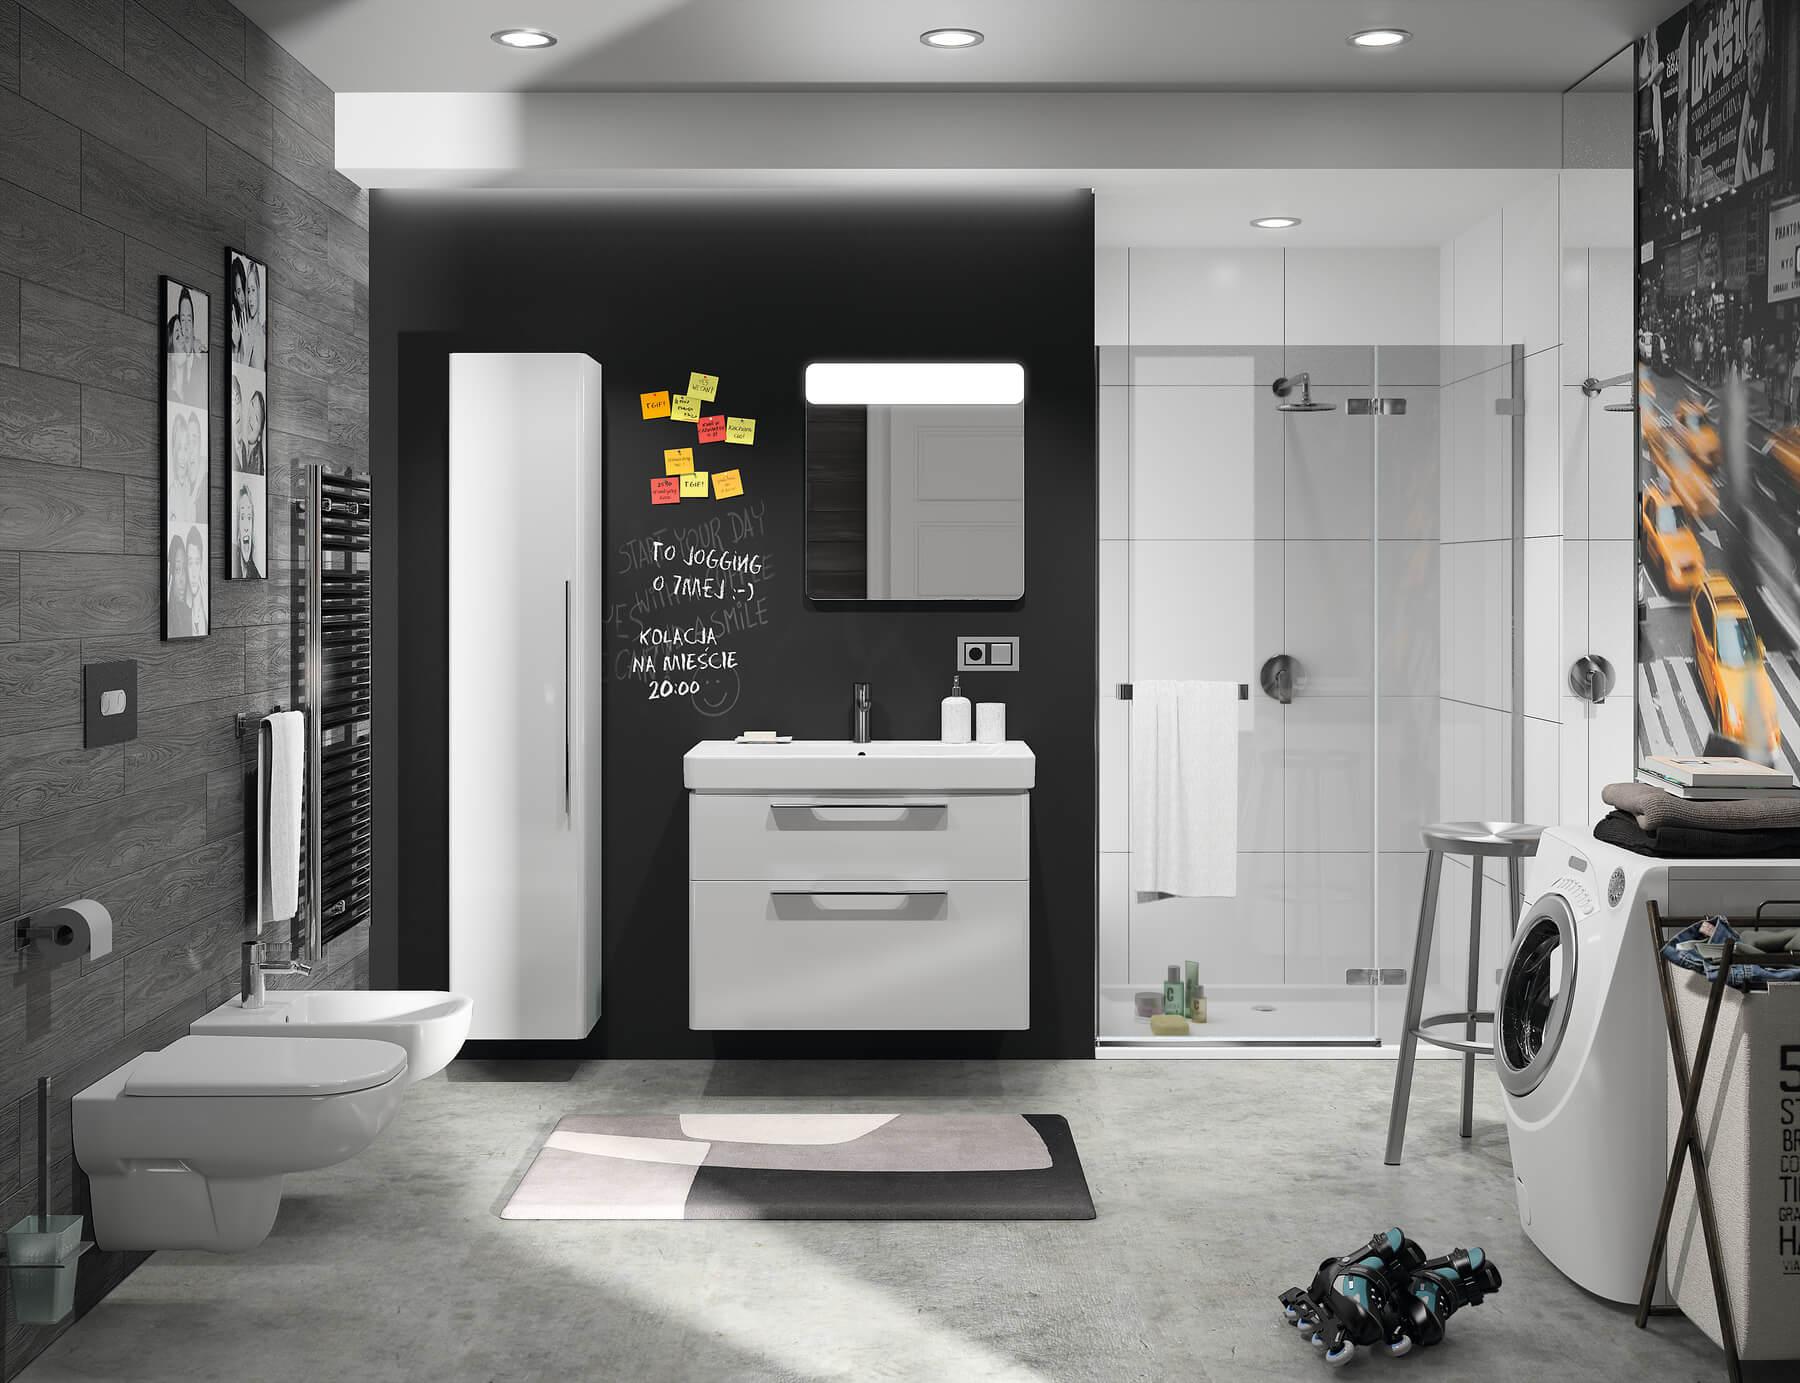 Seria łazienkowa KOŁO Traffic - meble do łazienki, toalety i umywalki do łazienki